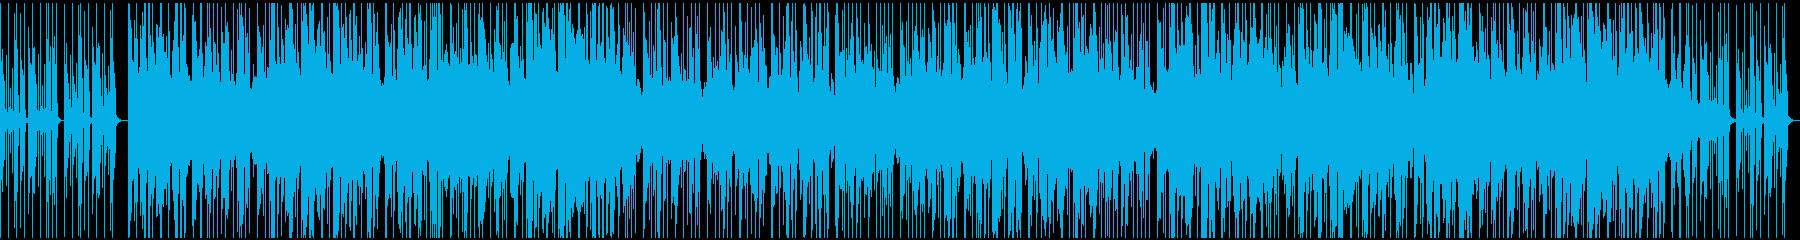 心の中の『何か』を感じるビートの再生済みの波形